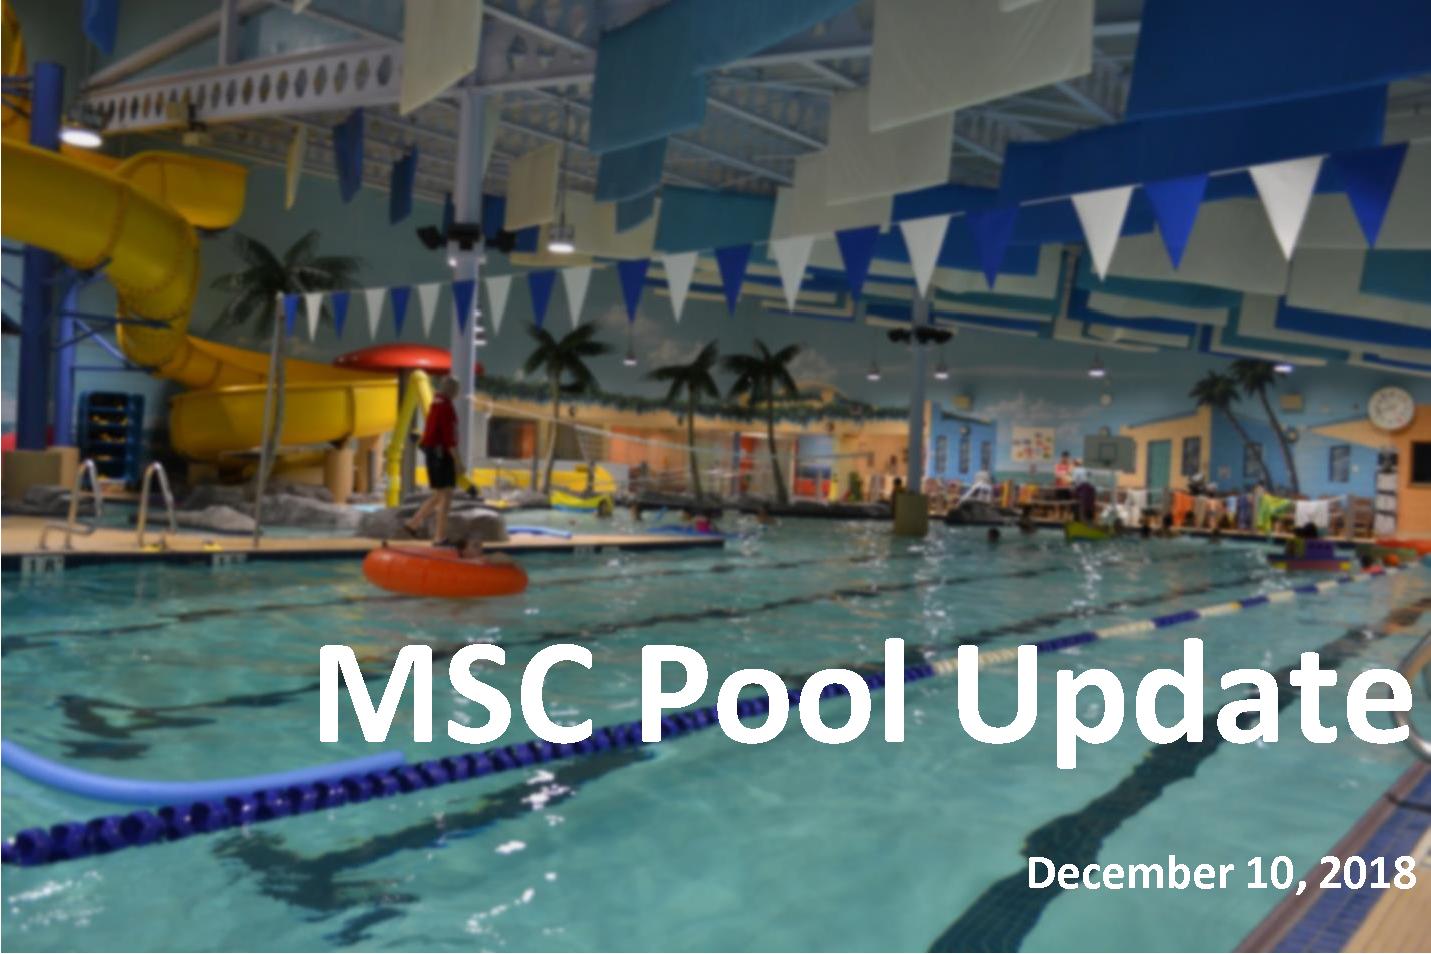 MSC Pool Update - December 10, 2018